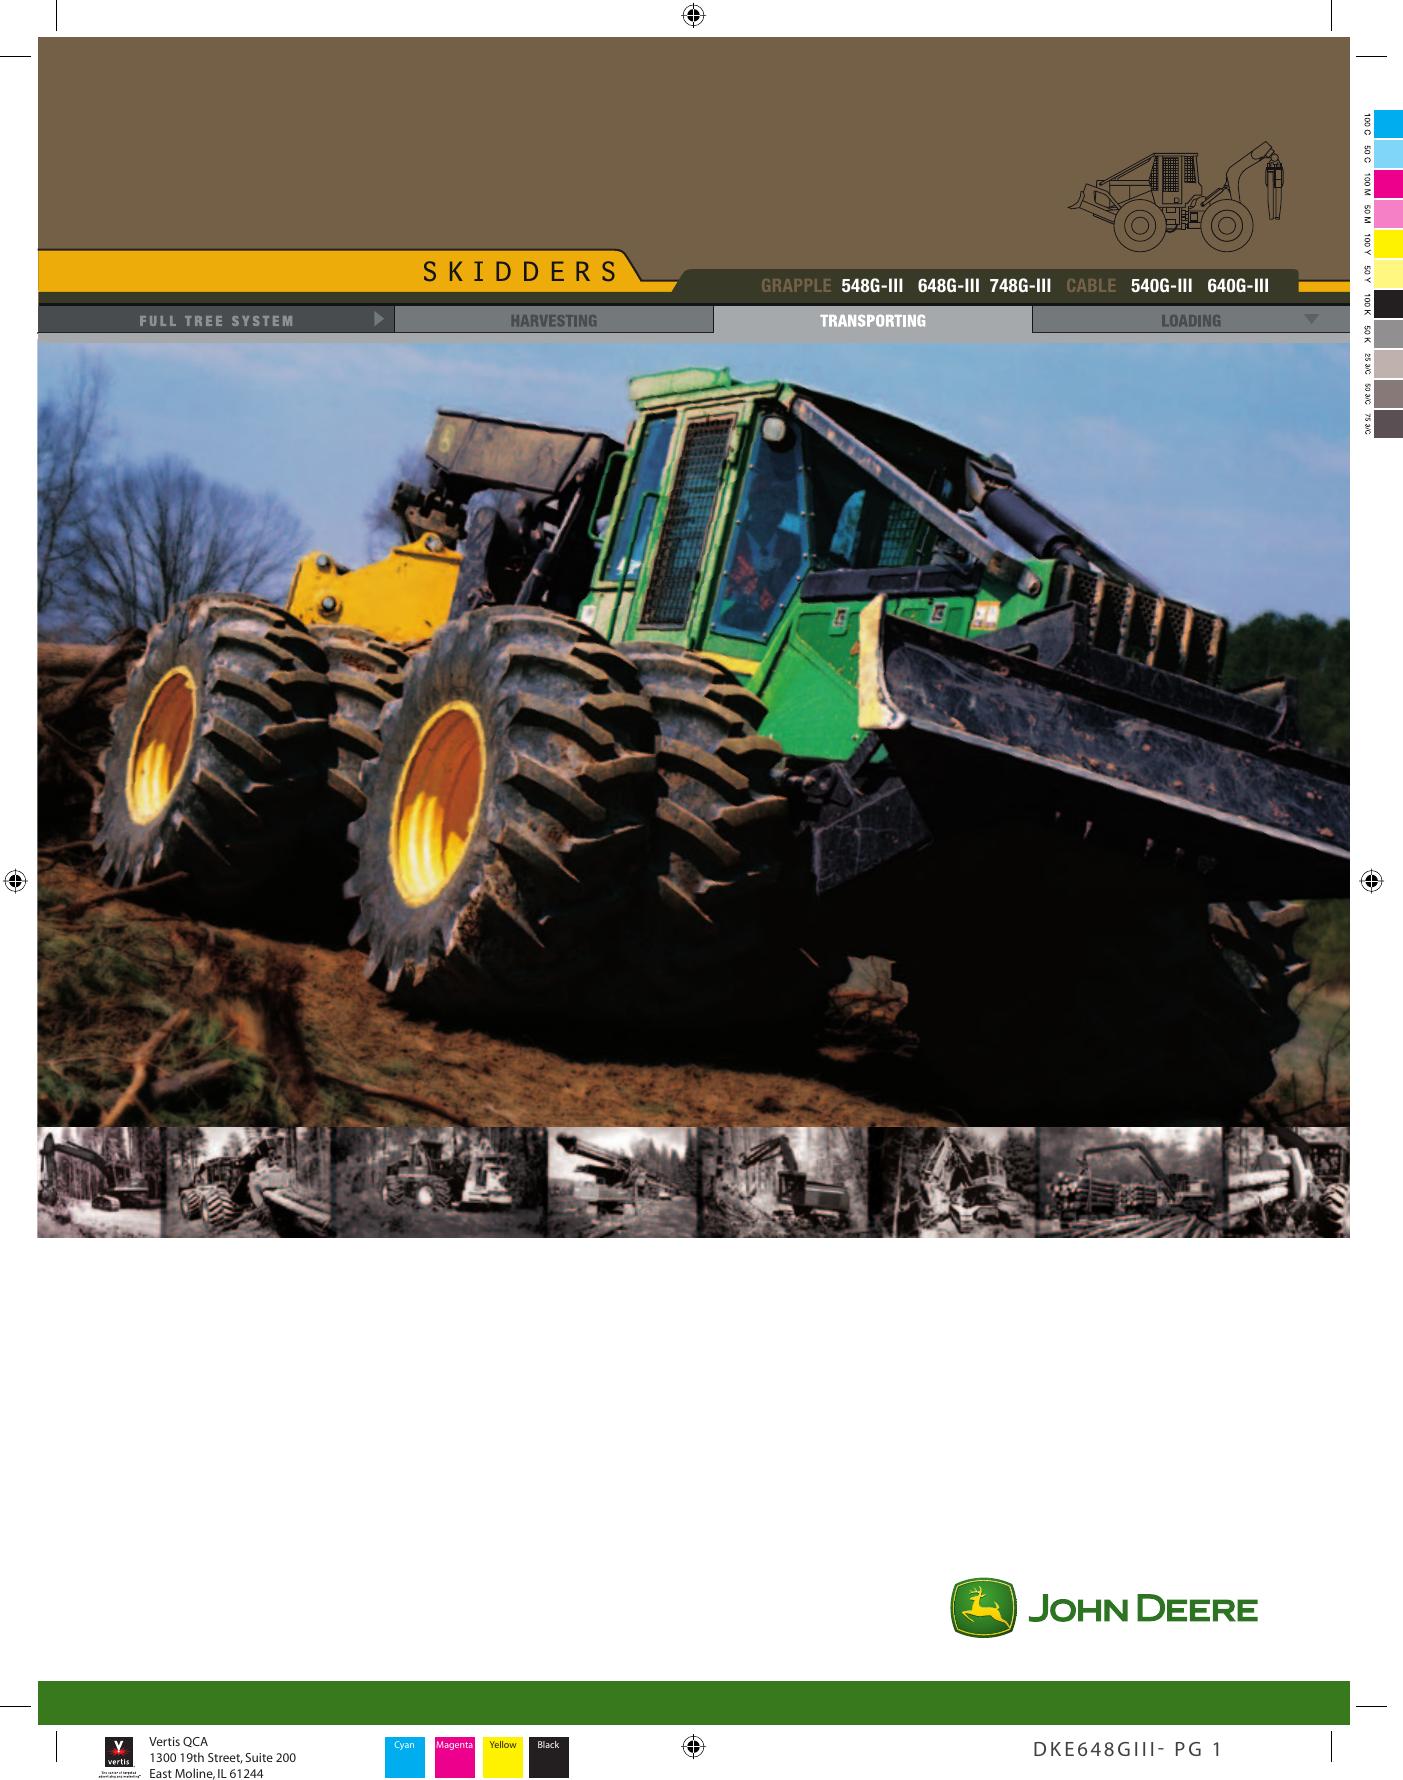 John Deere 540G Iii Users Manual on